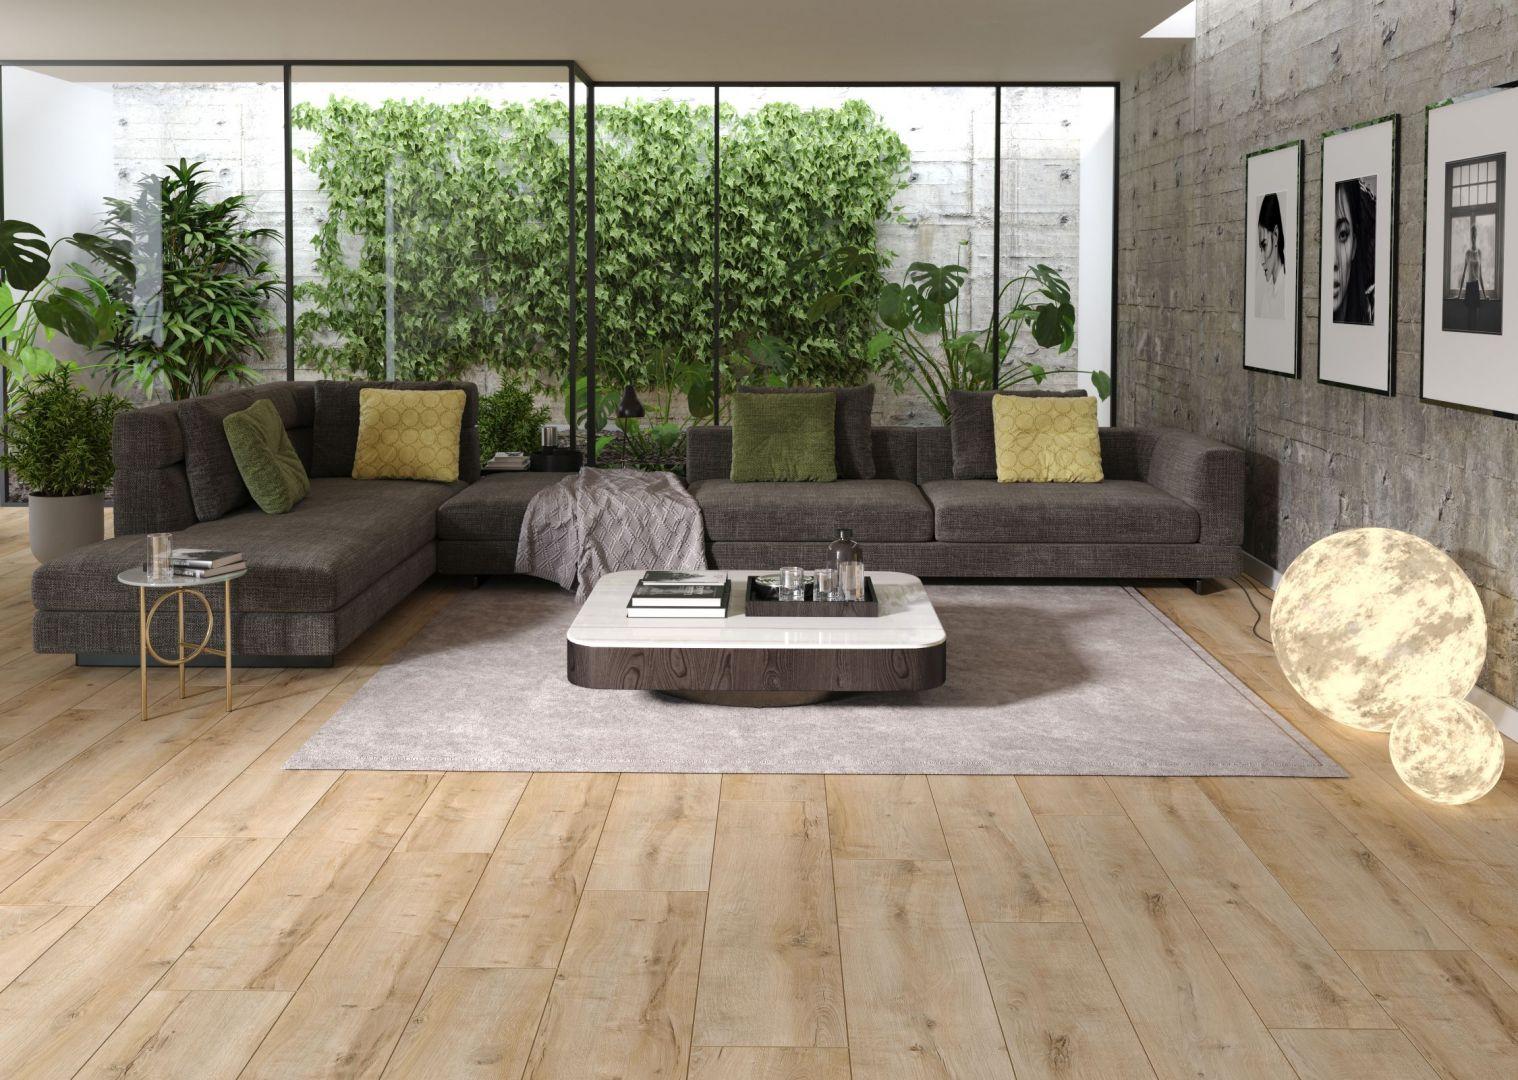 W modnym wnętrzu nie może zabraknąć bujnej roślinności. Na: zdjęciu panele Arteo Dąb Connemara. Producent Classen